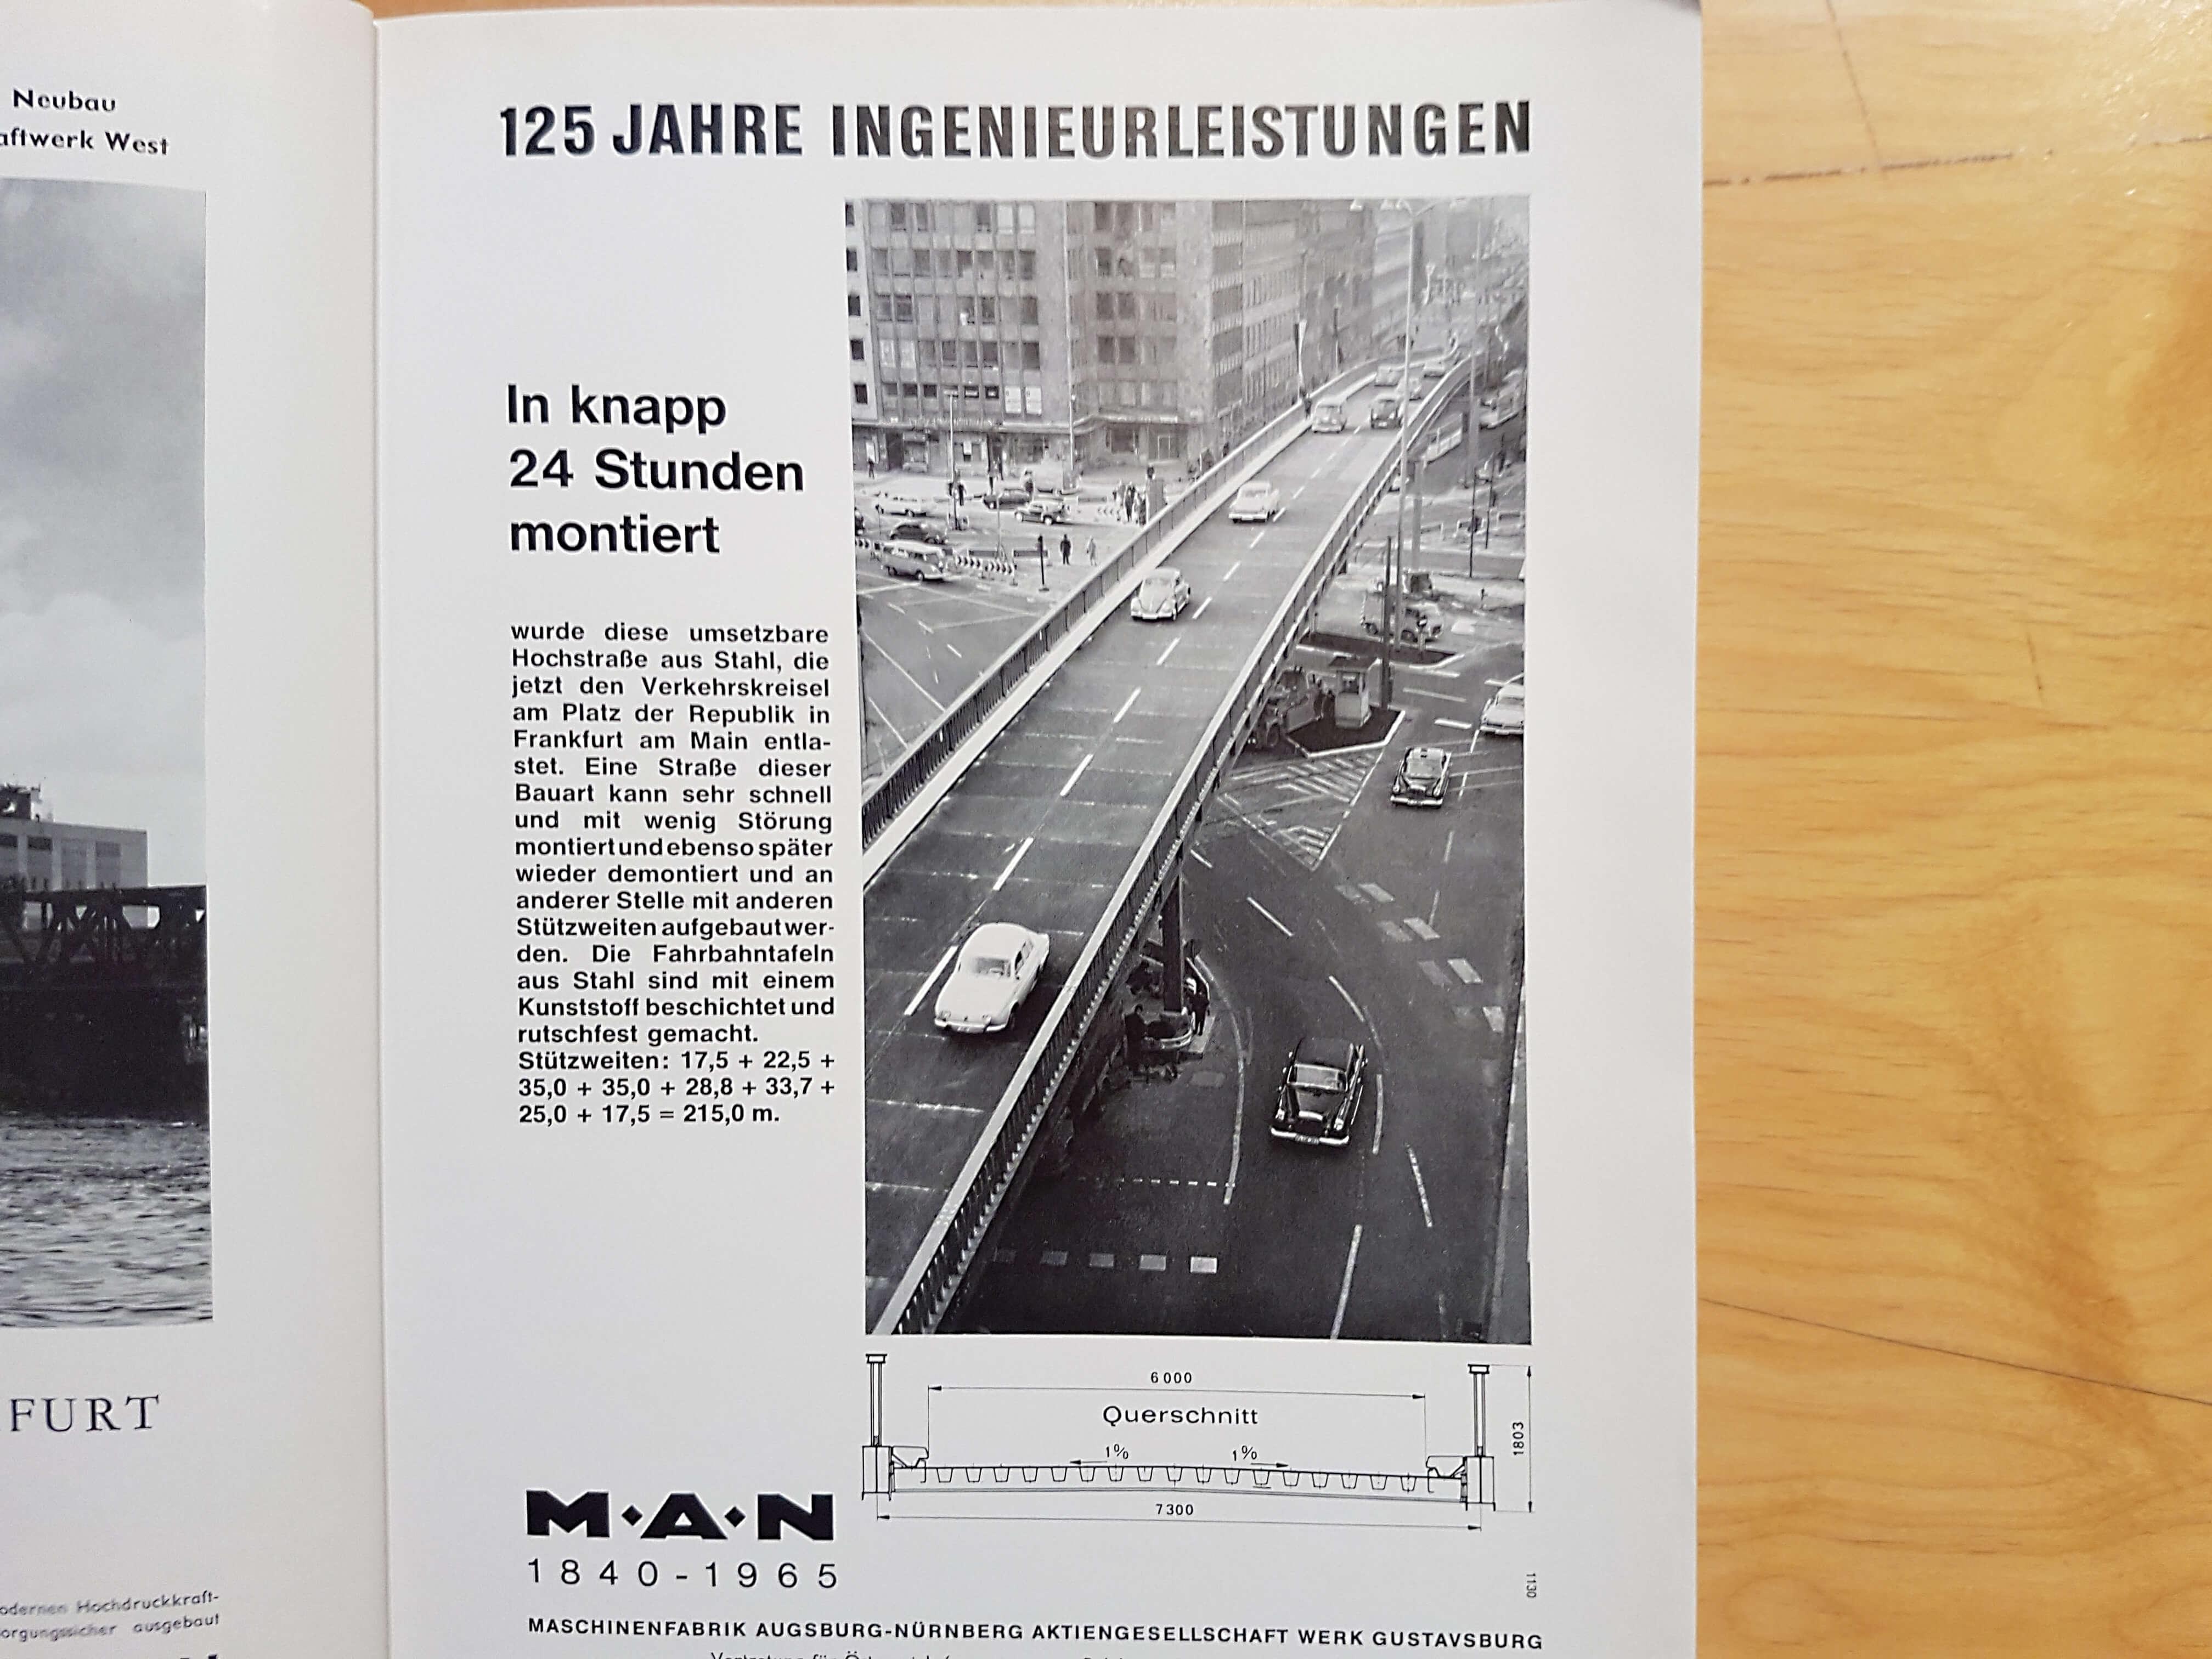 Diese mobile Autobrücke stand früher am Platz der Republik in Frankfurt am Main, gebaut durch M.A.N.